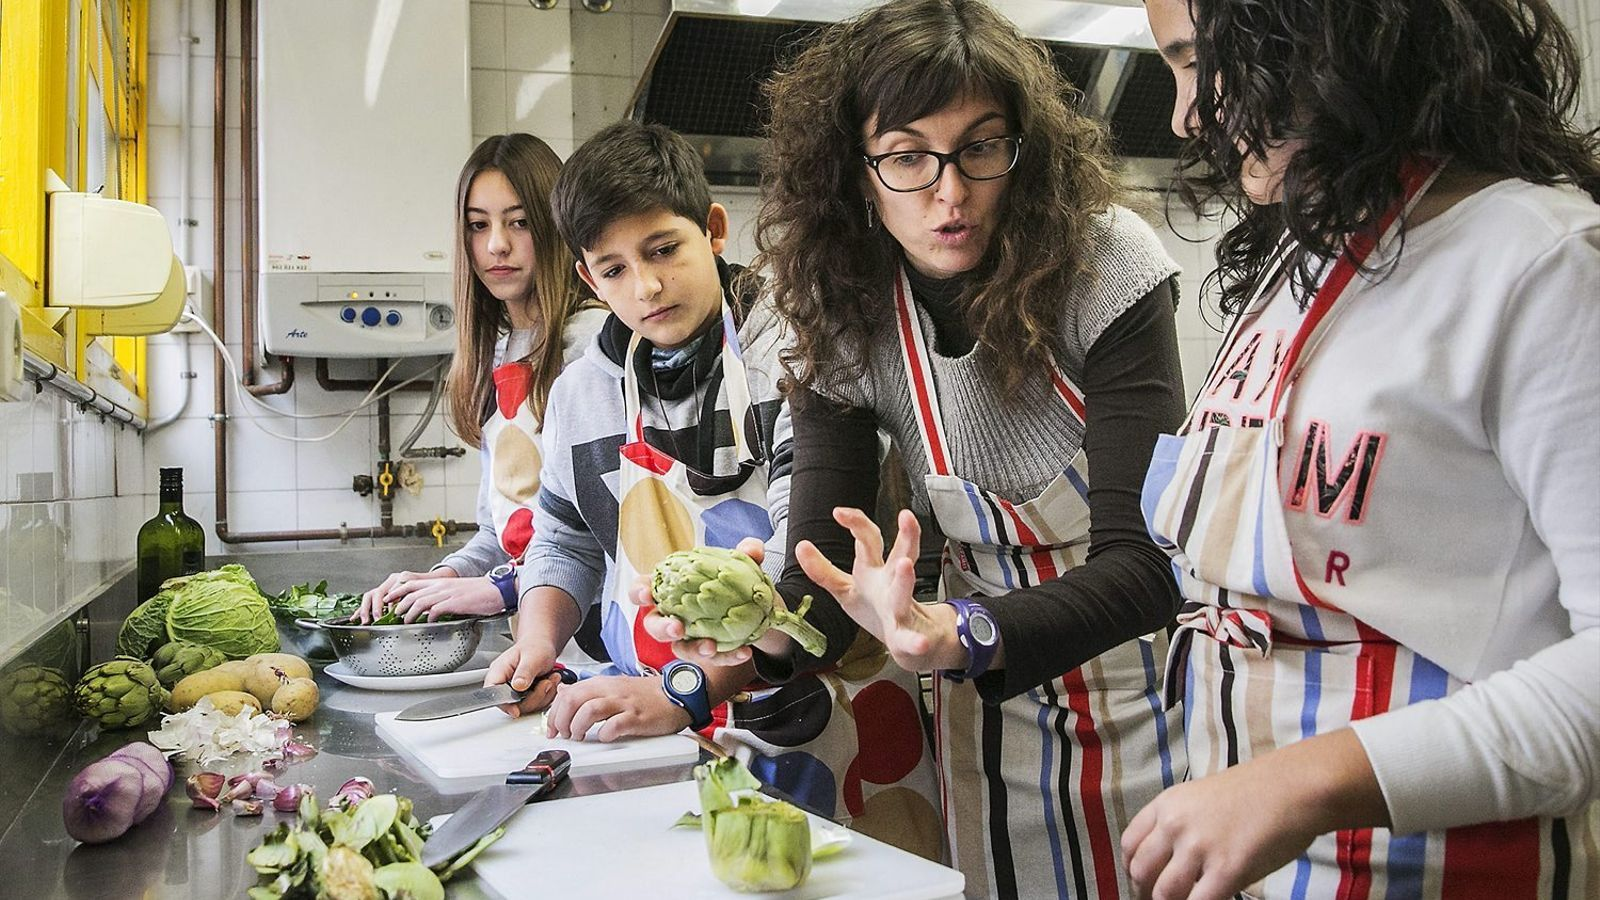 Innovació educativa  Noves maneres d'aprendre / FOTO: PERE VIRGILI